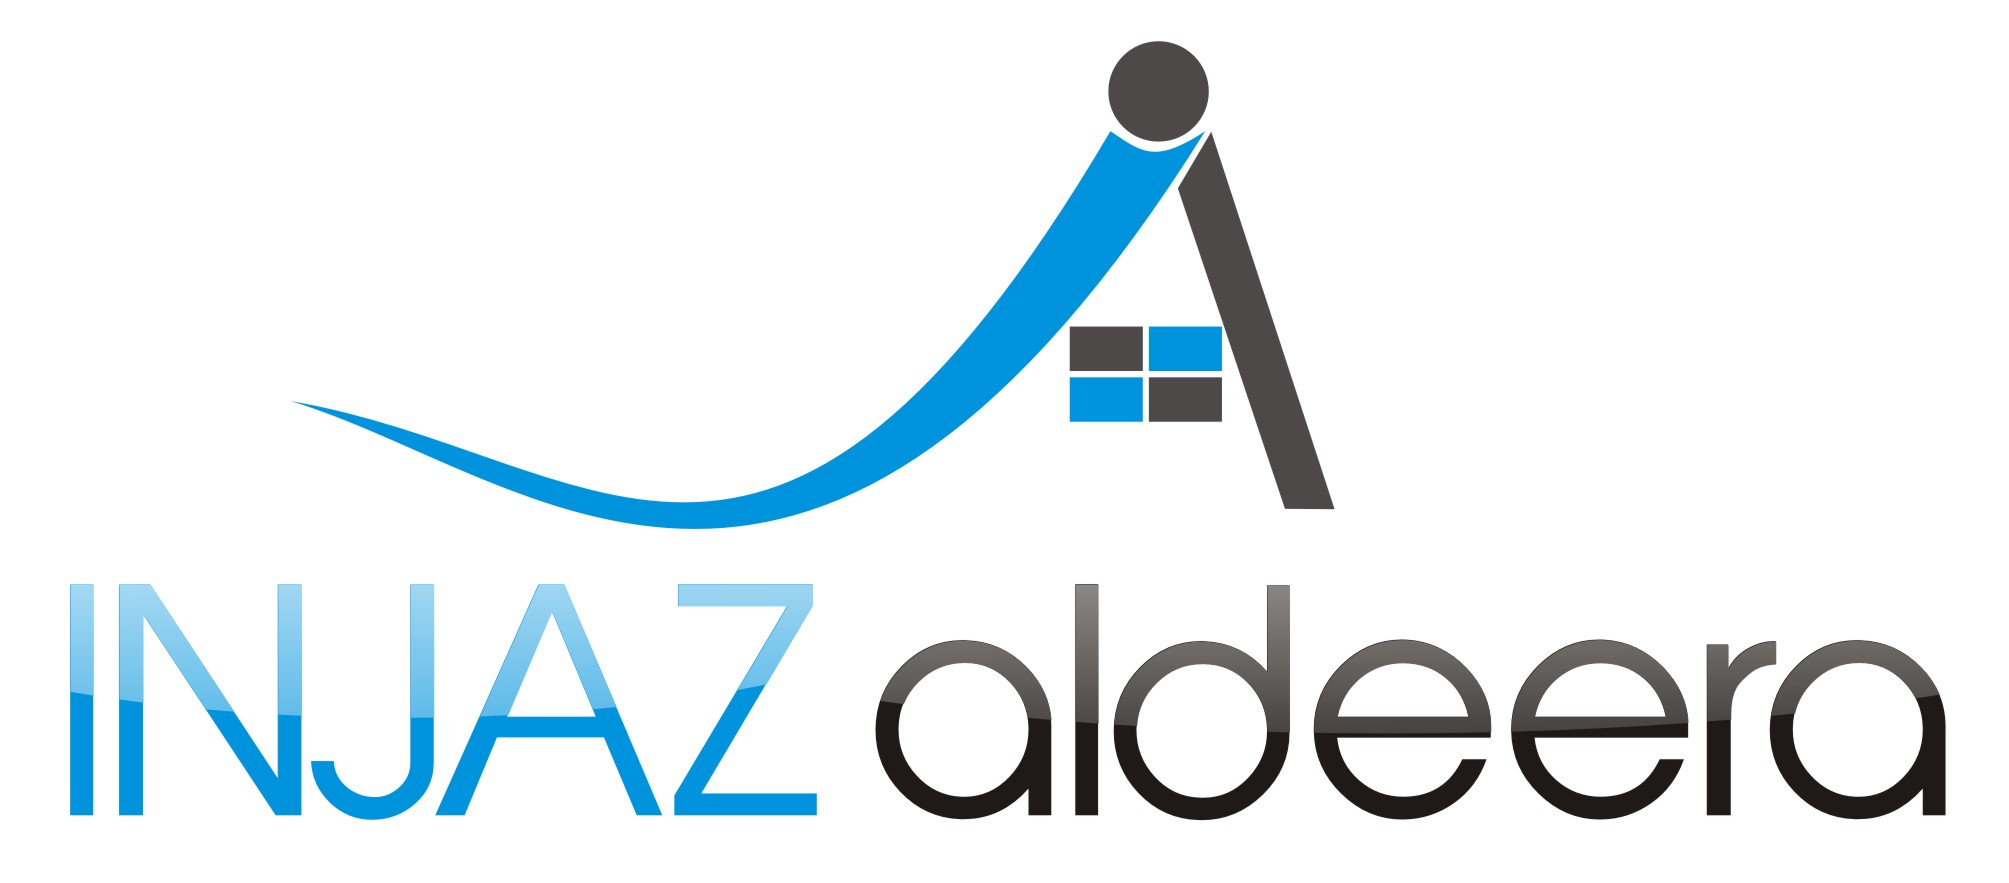 Logo Design by Arief Zuhud Romdhon - Entry No. 63 in the Logo Design Contest Fun Logo Design for Injaz aldeera.